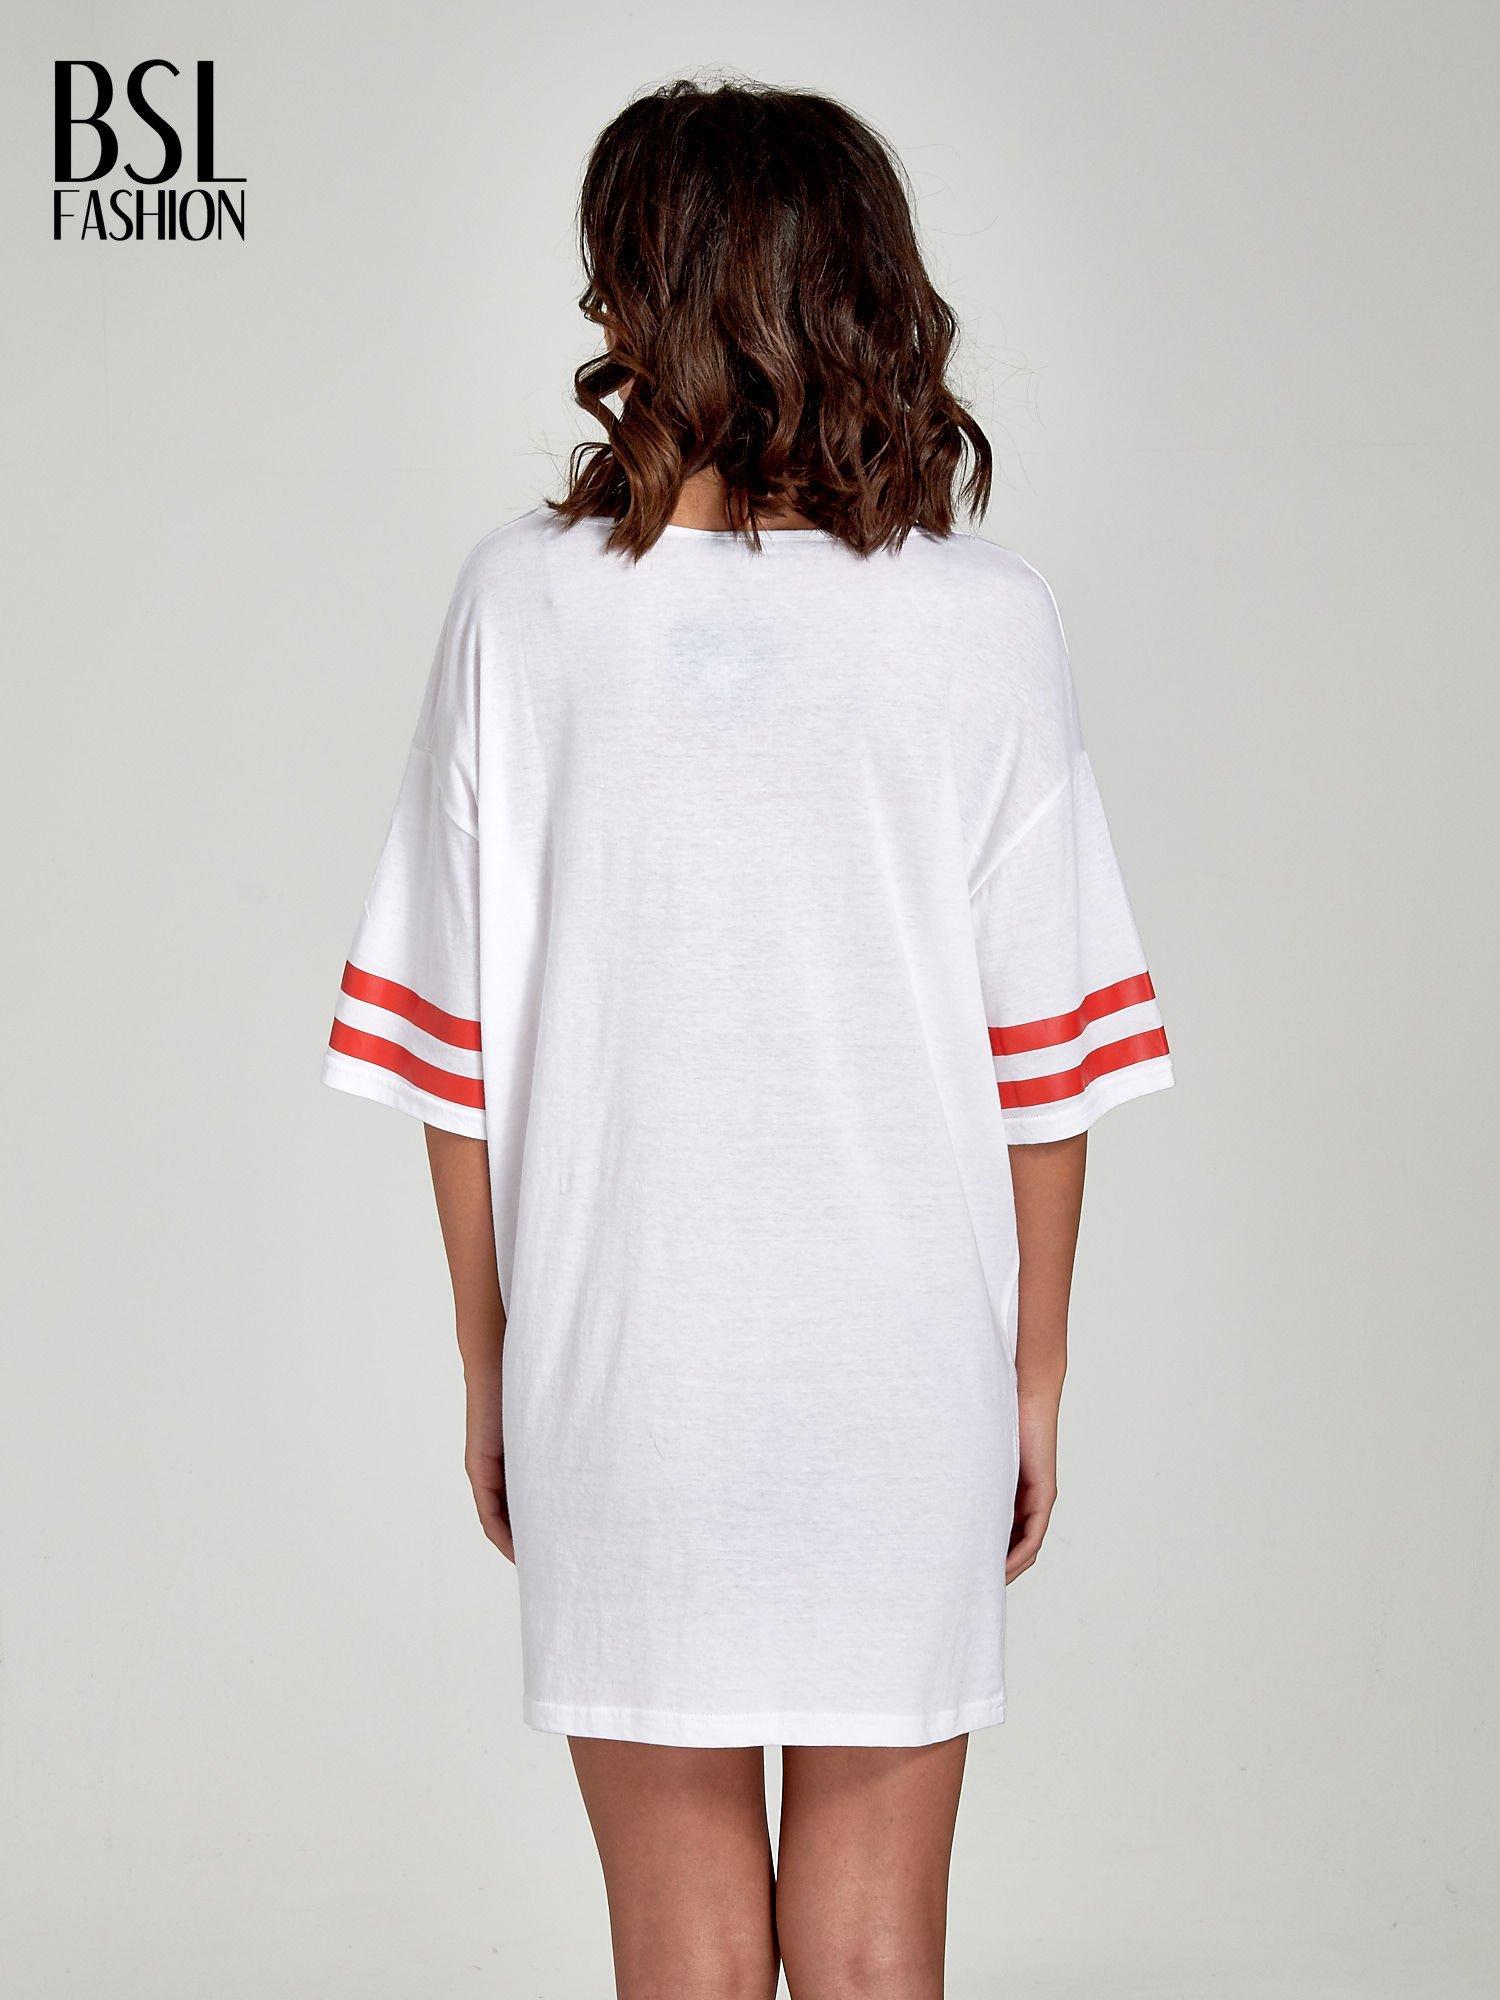 Biała sukienka z numerem w stylu baseball dress                                  zdj.                                  4